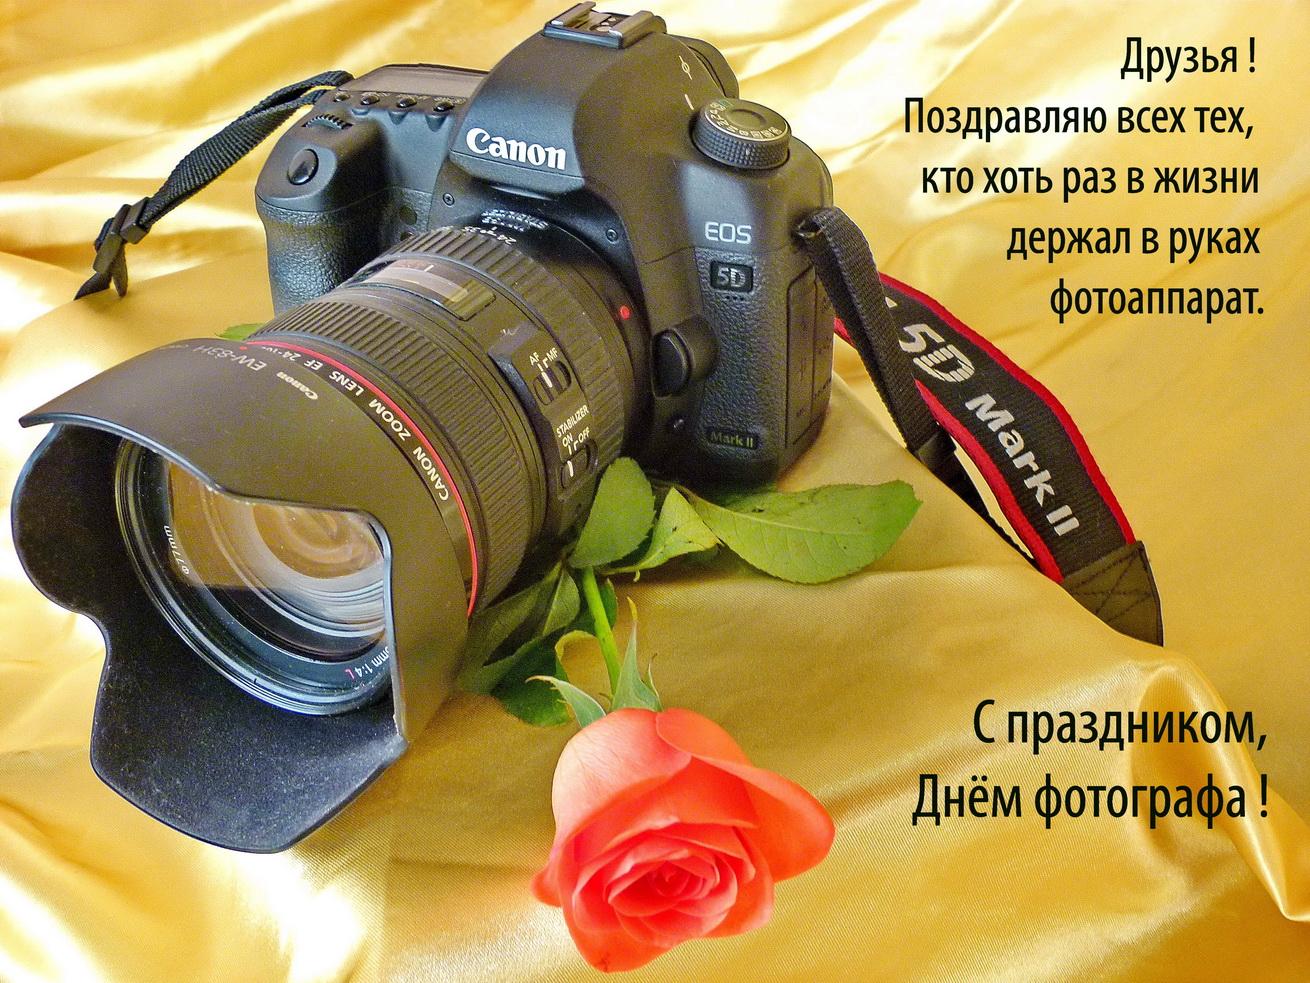 Поздравление с днем рождения в прозе для фотографа